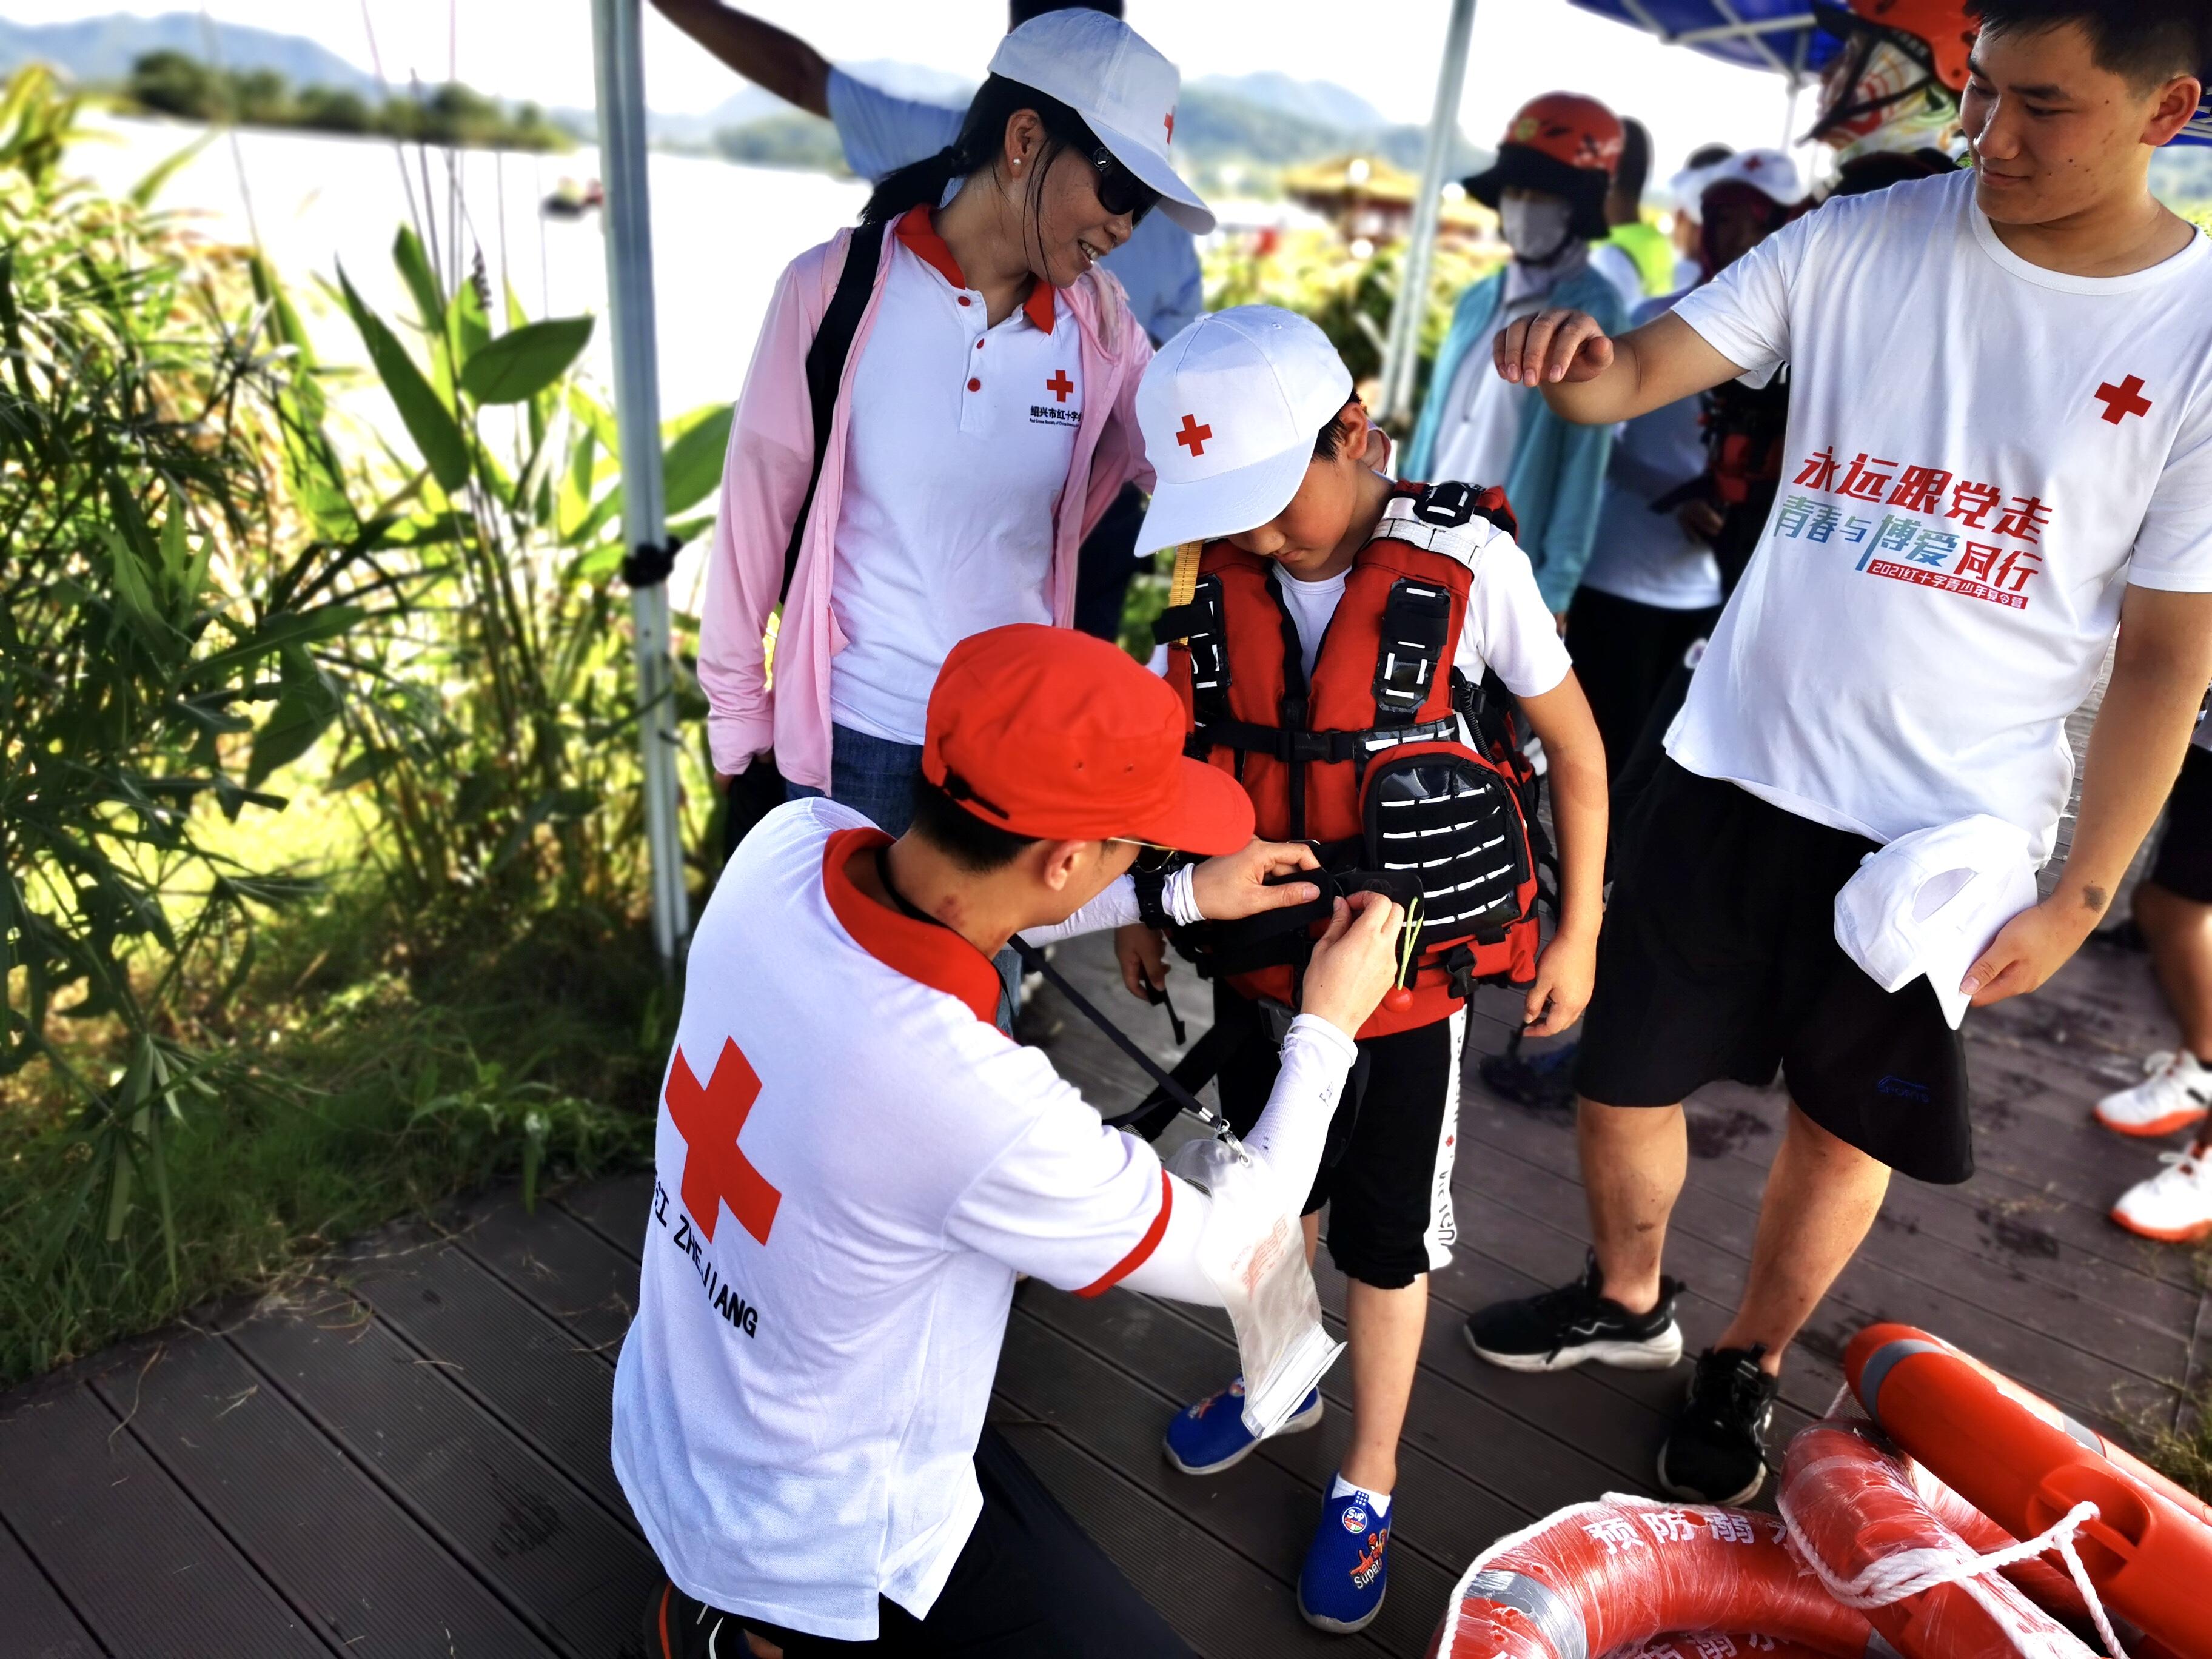 暑期防溺水,红十字在行动